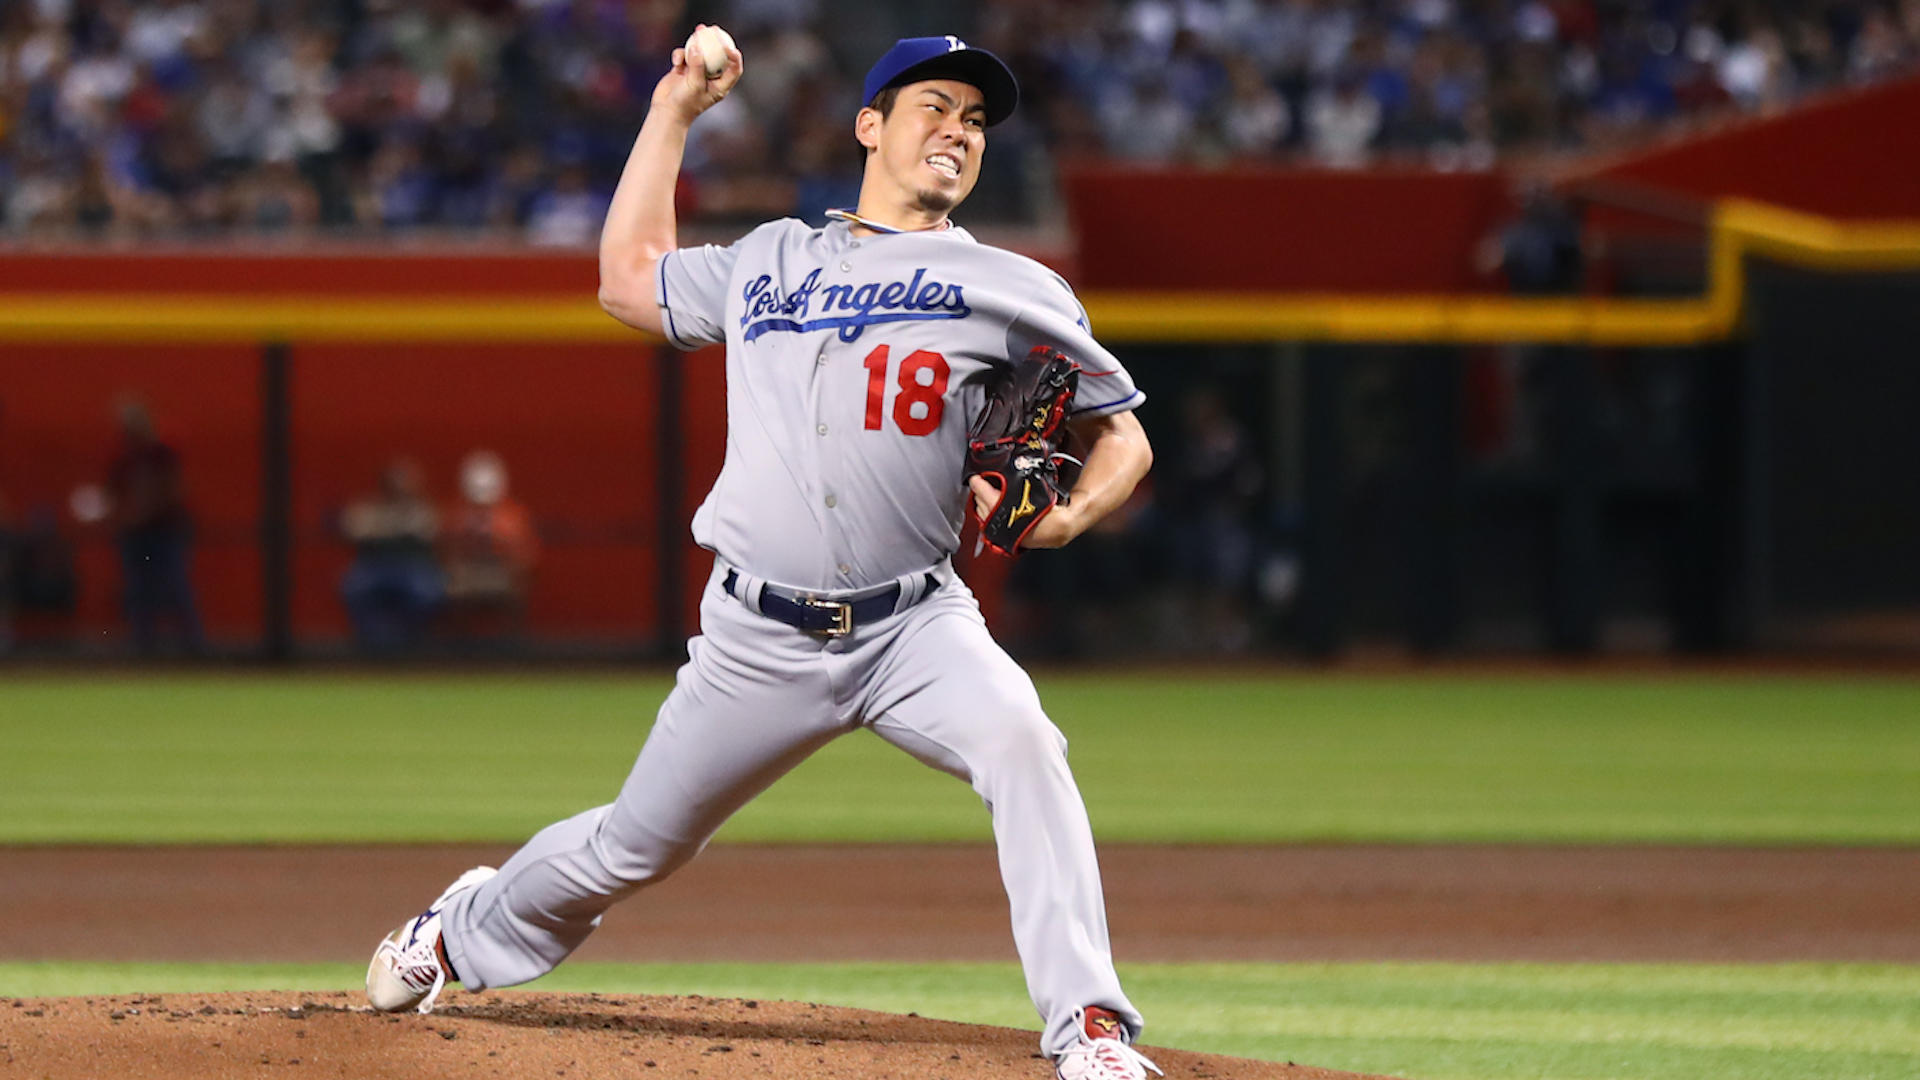 Fantasy Baseball: Two-start pitcher rankings for Week 12 mark Spencer Turnbull, Jon Duplantier as sleepers